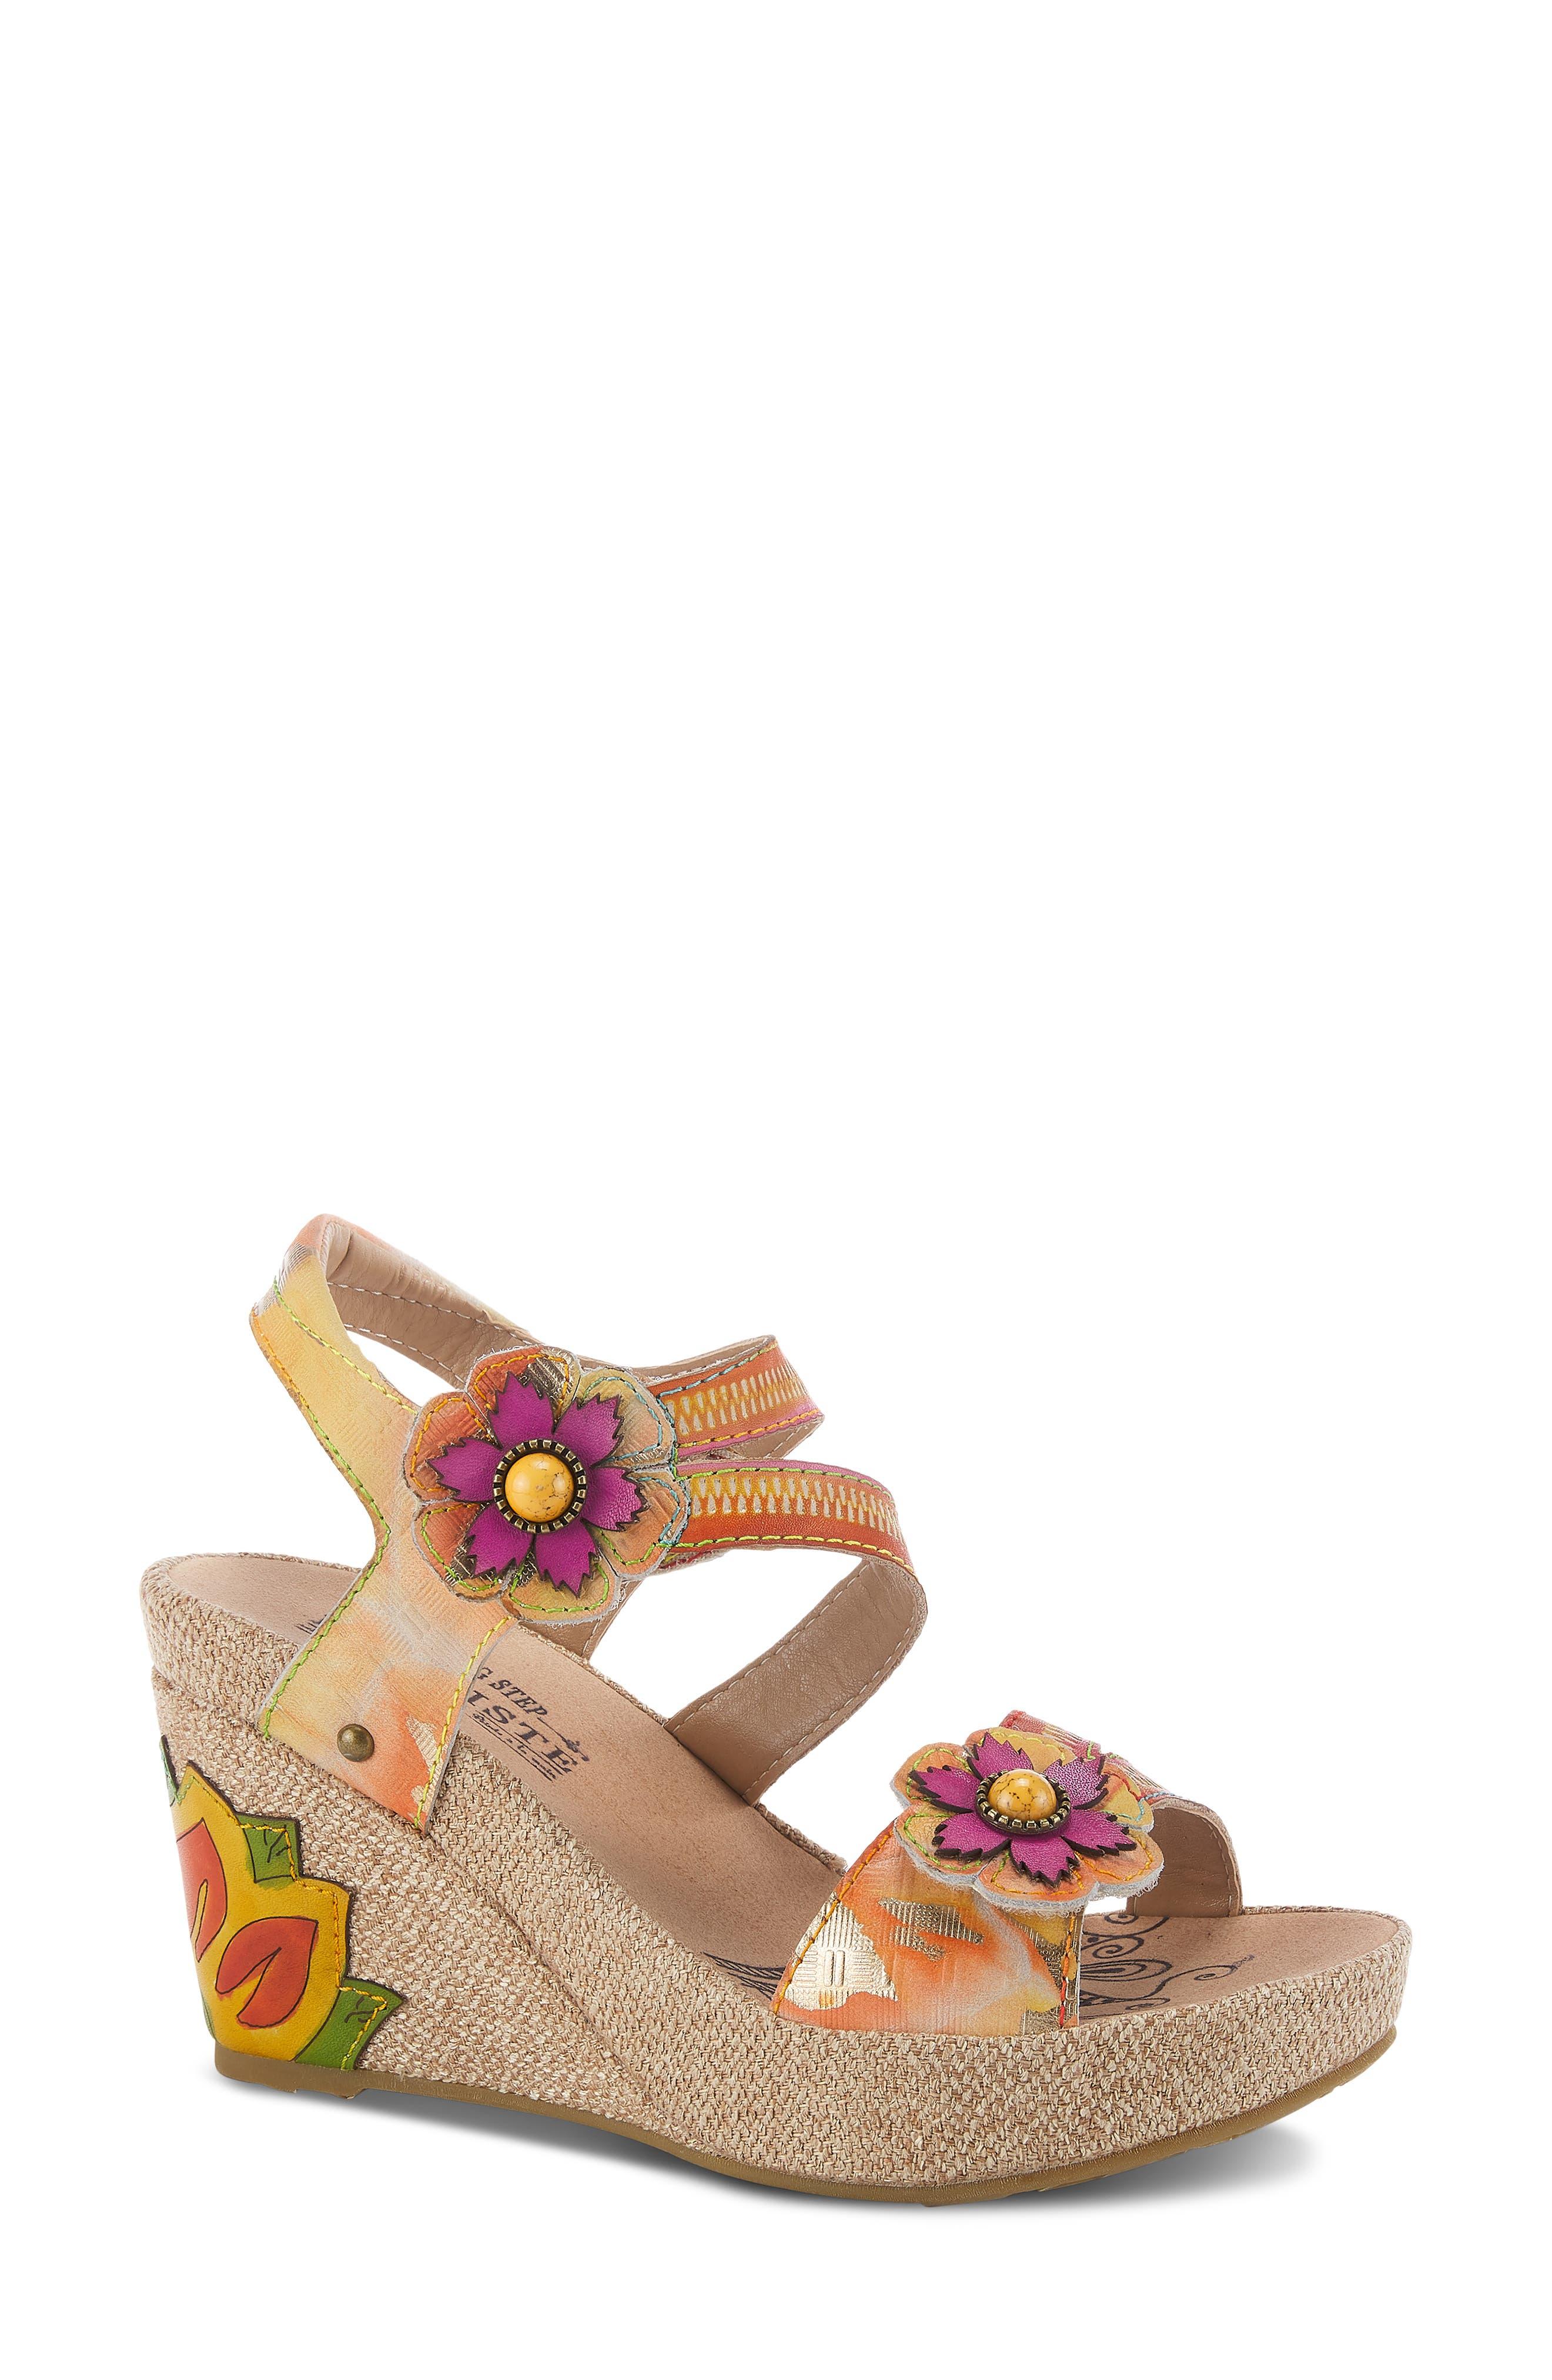 Karnit Platform Sandal